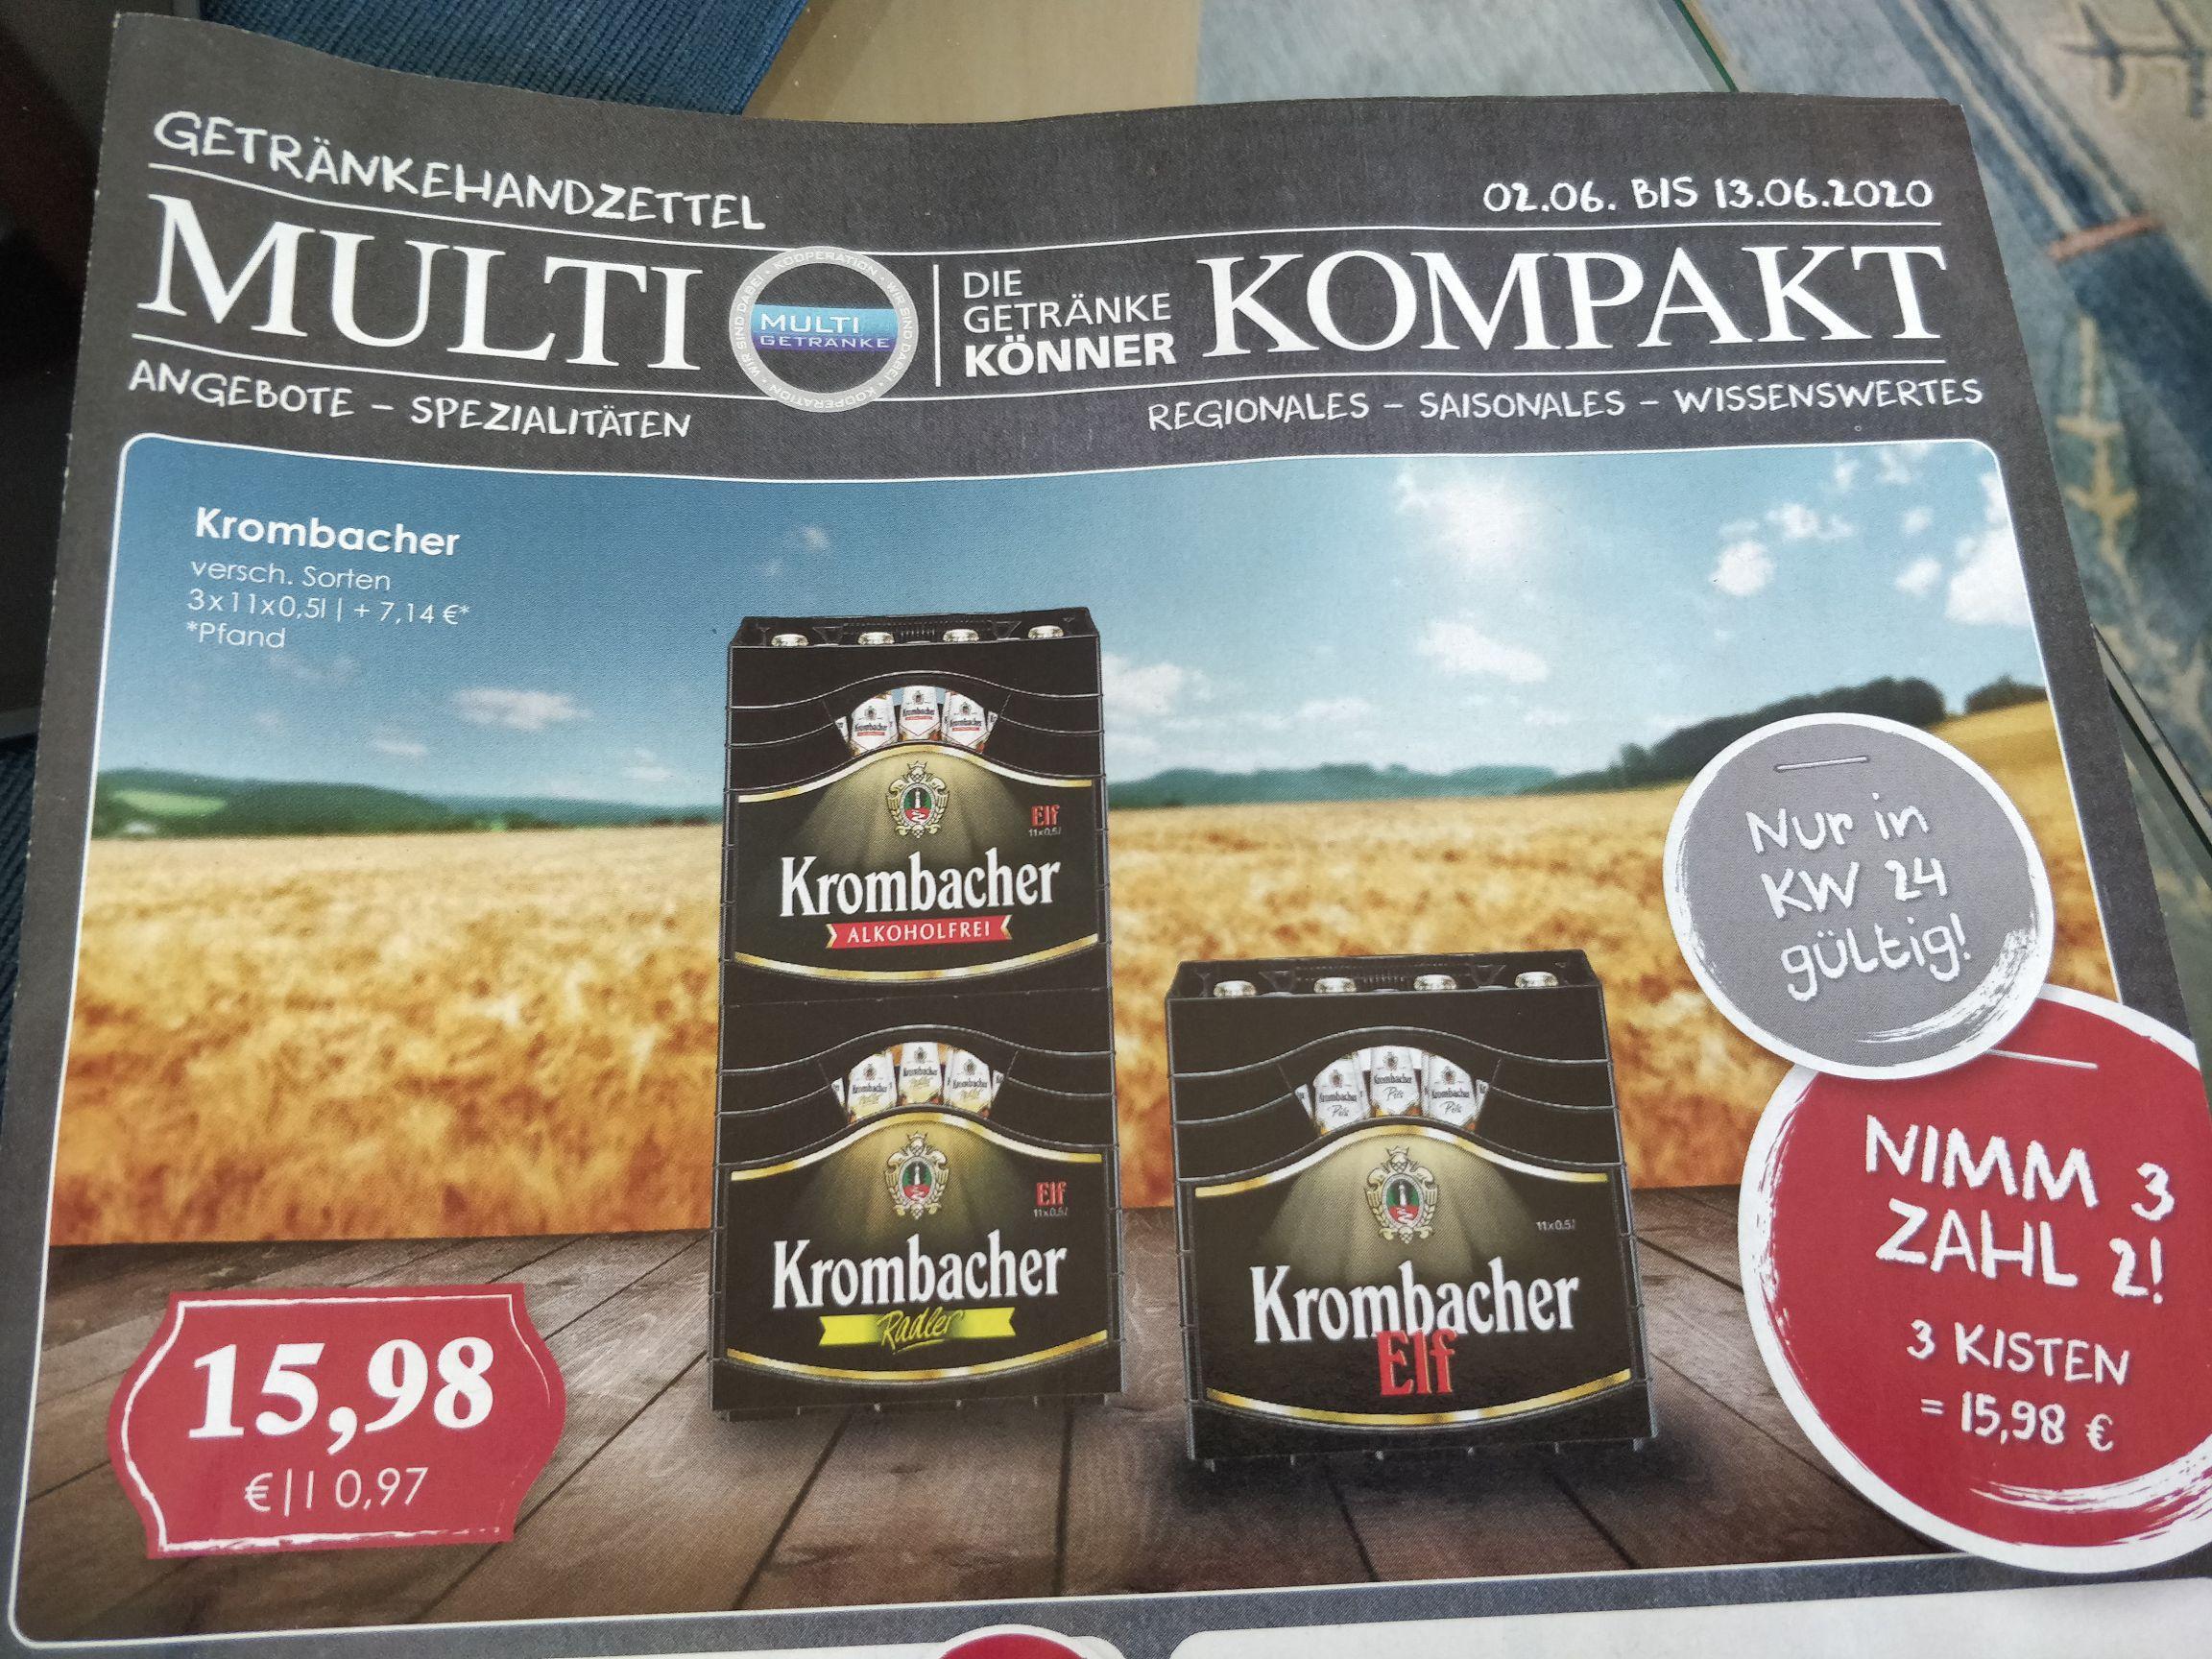 Krombacher 3x11 zum Preis von 2x11(umgerechnet 9,70€ pro 20er Kasten)